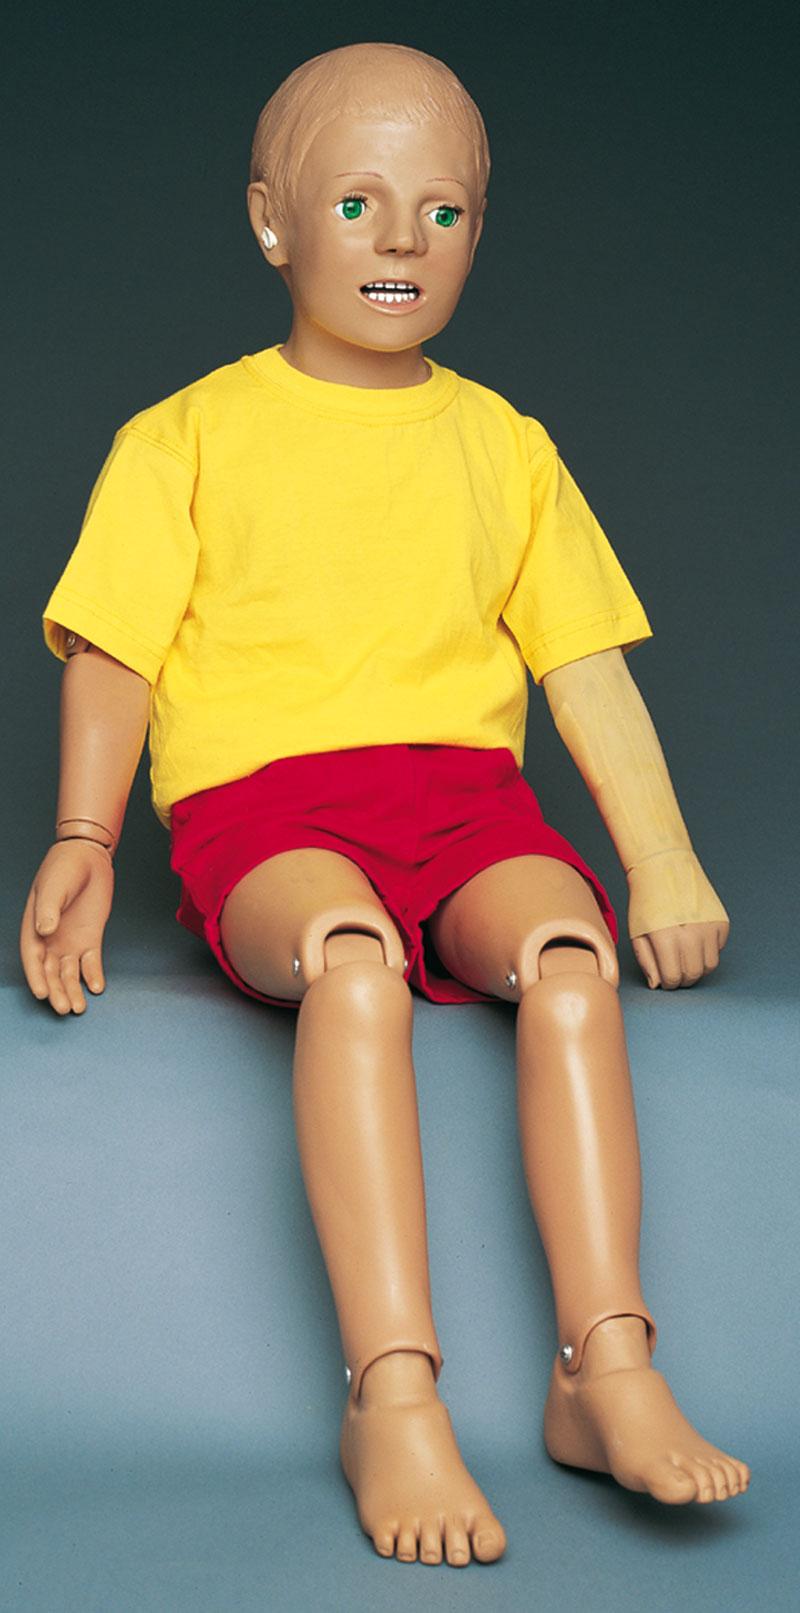 Kinderpflegepuppe 5-jähriger